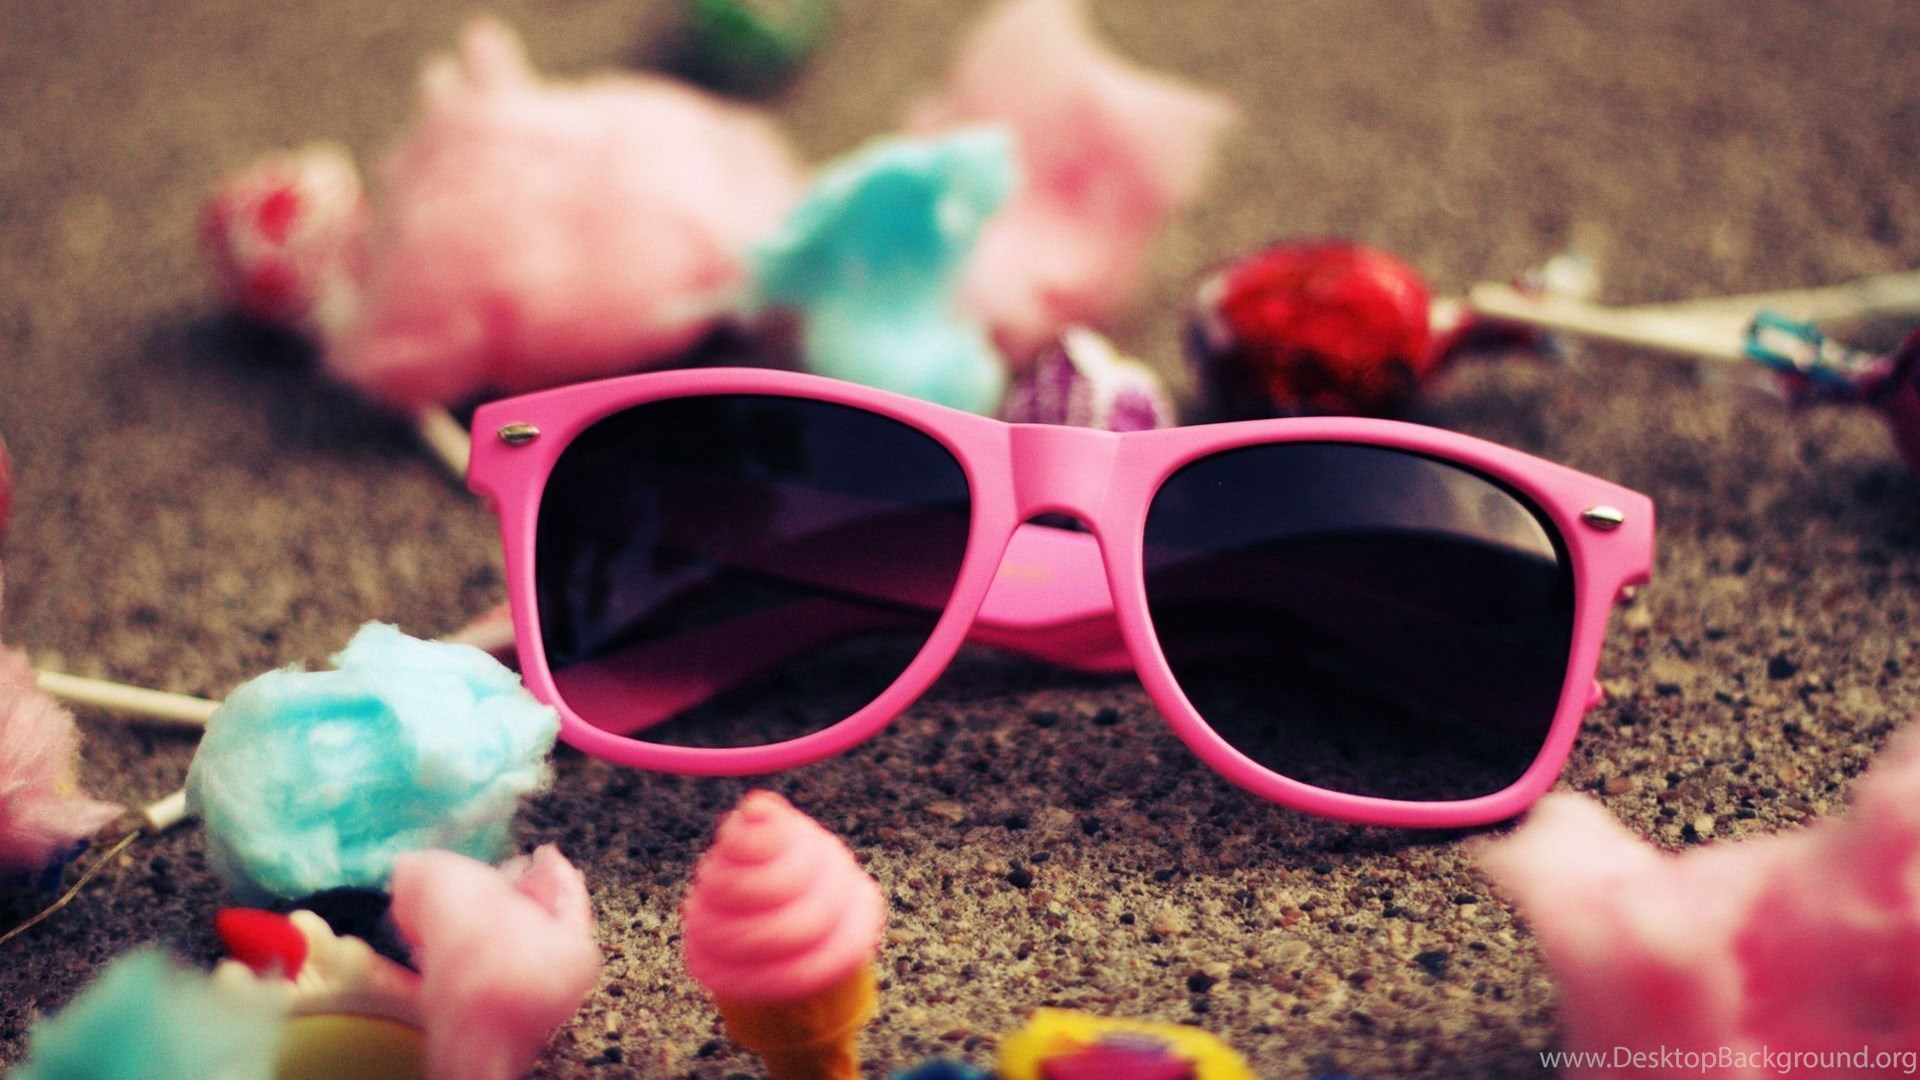 Cute Pink Sunglass For Girls Hd Wallpapers Desktop Background